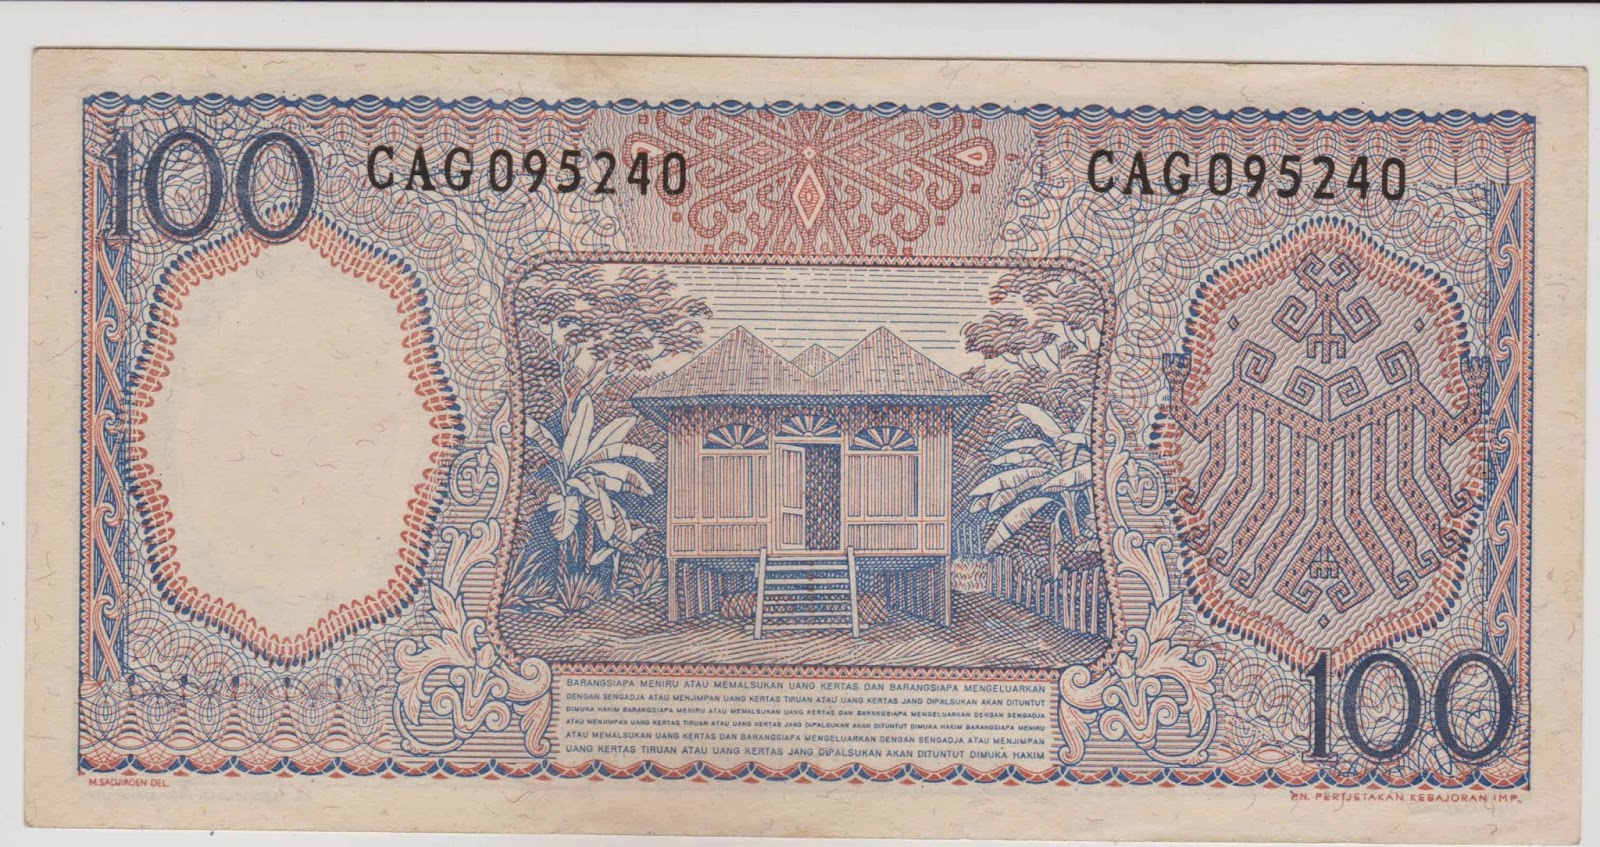 uang kuno Seri pekerja tangan tahun 1964 pecahan 100 rupiah ( Biru )